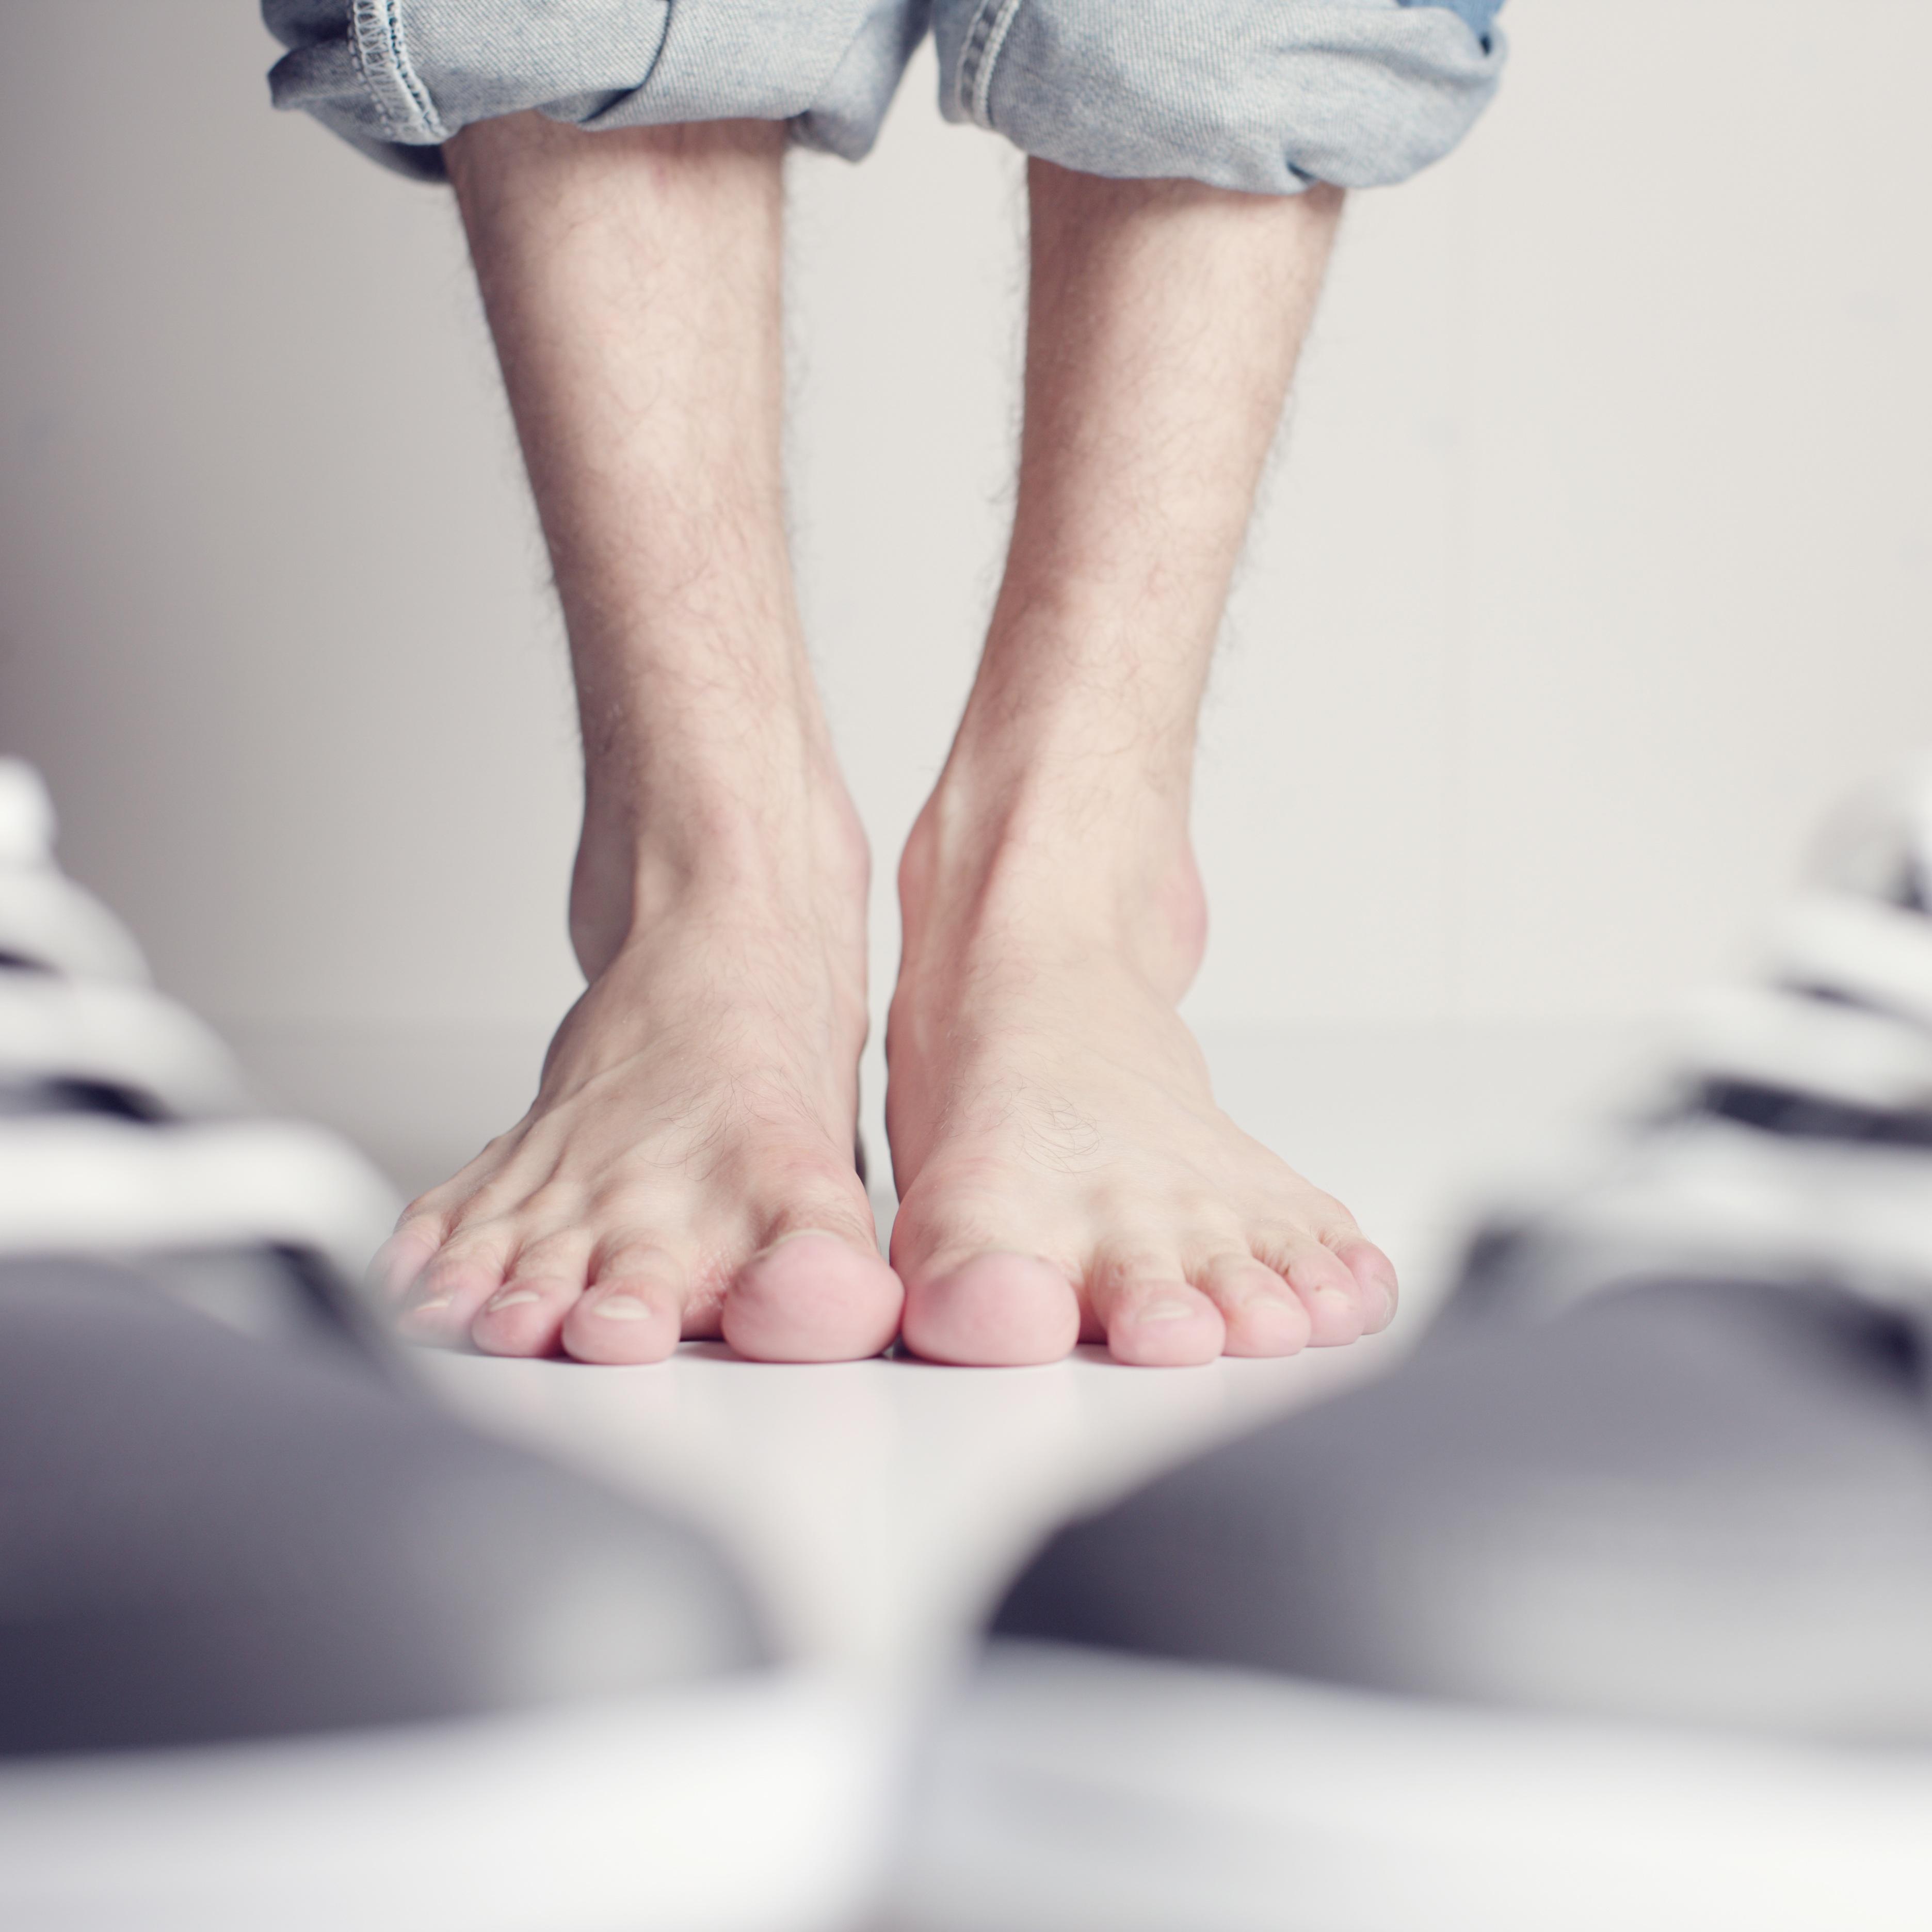 W jaki sposób leczyć grzybicę? Profilaktyka oraz symptomy